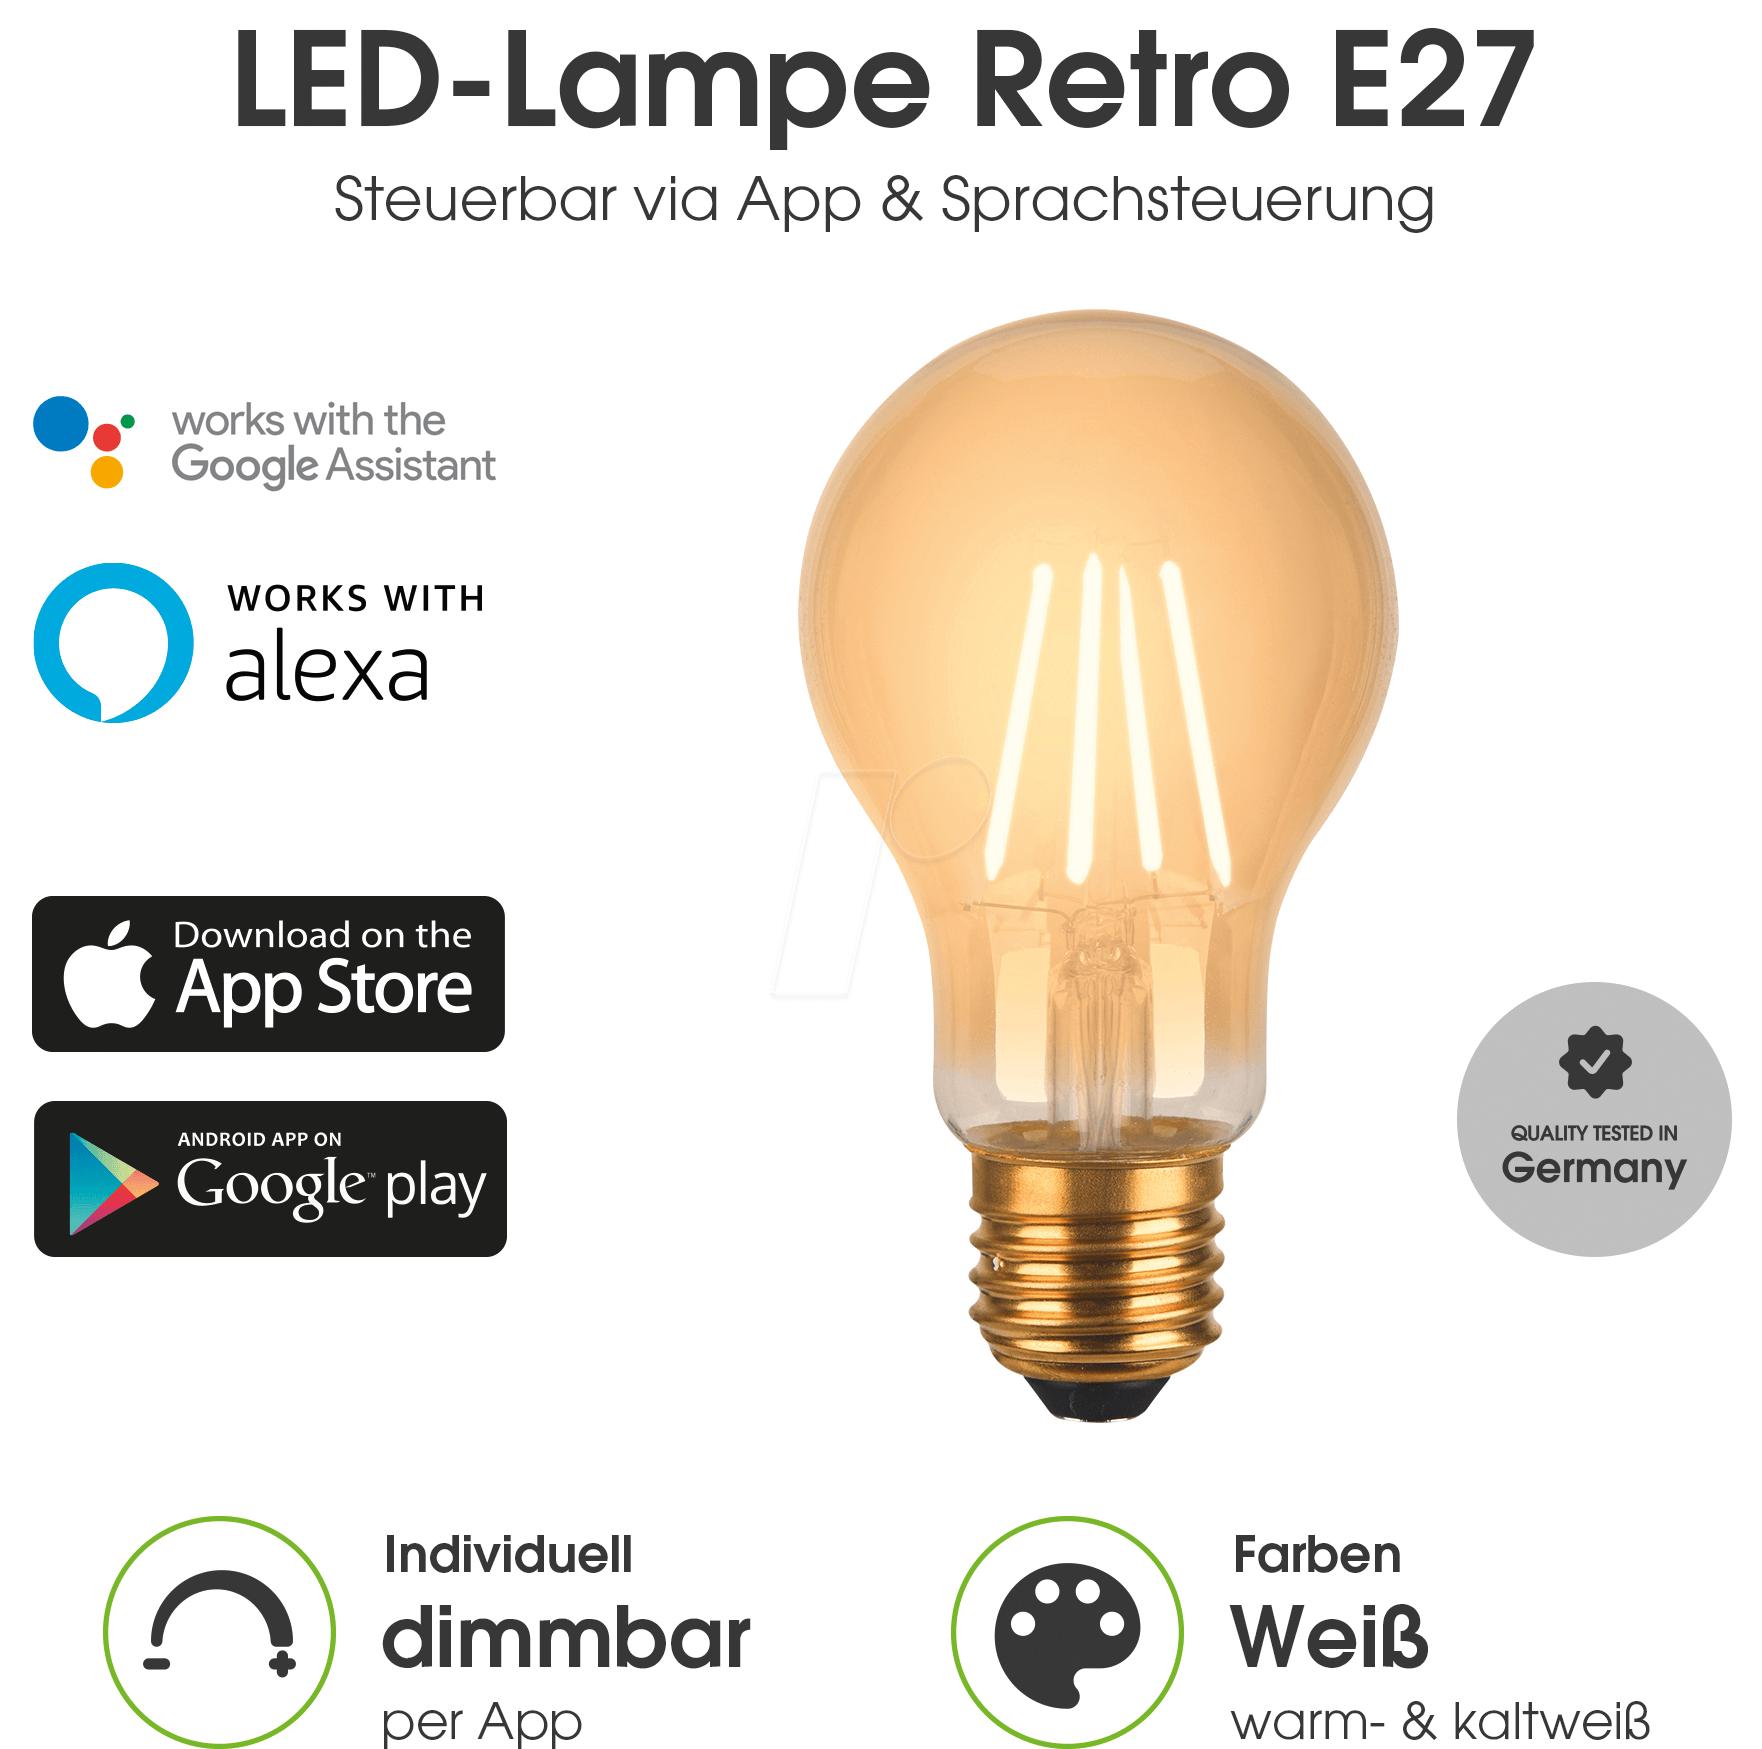 Smart Light, Lampe, E27, Warmweiß, Filament, EEK A+, WLAN